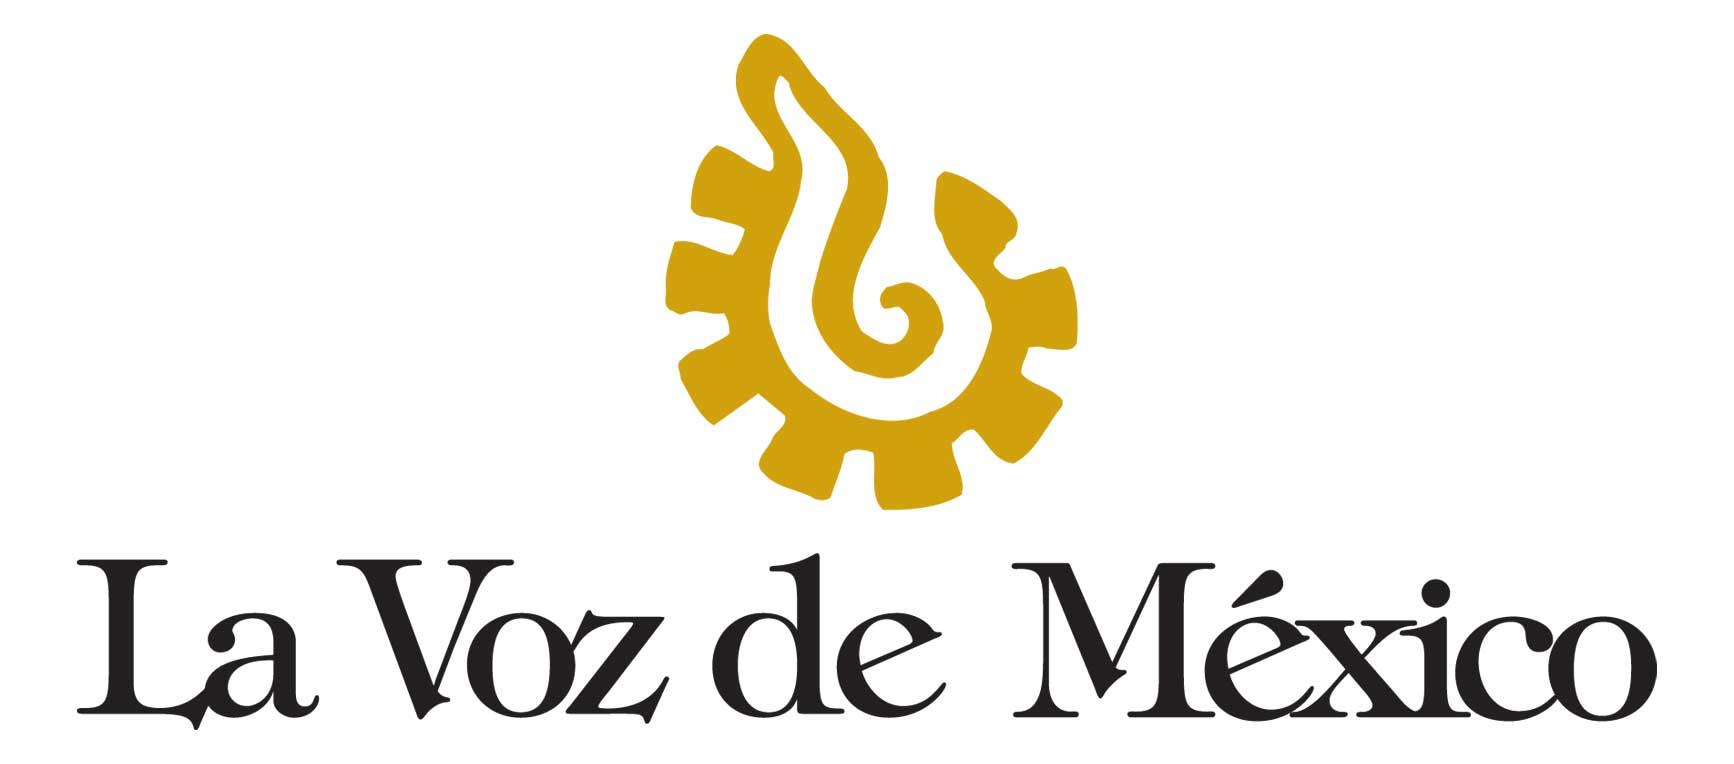 La Voz de Mexico